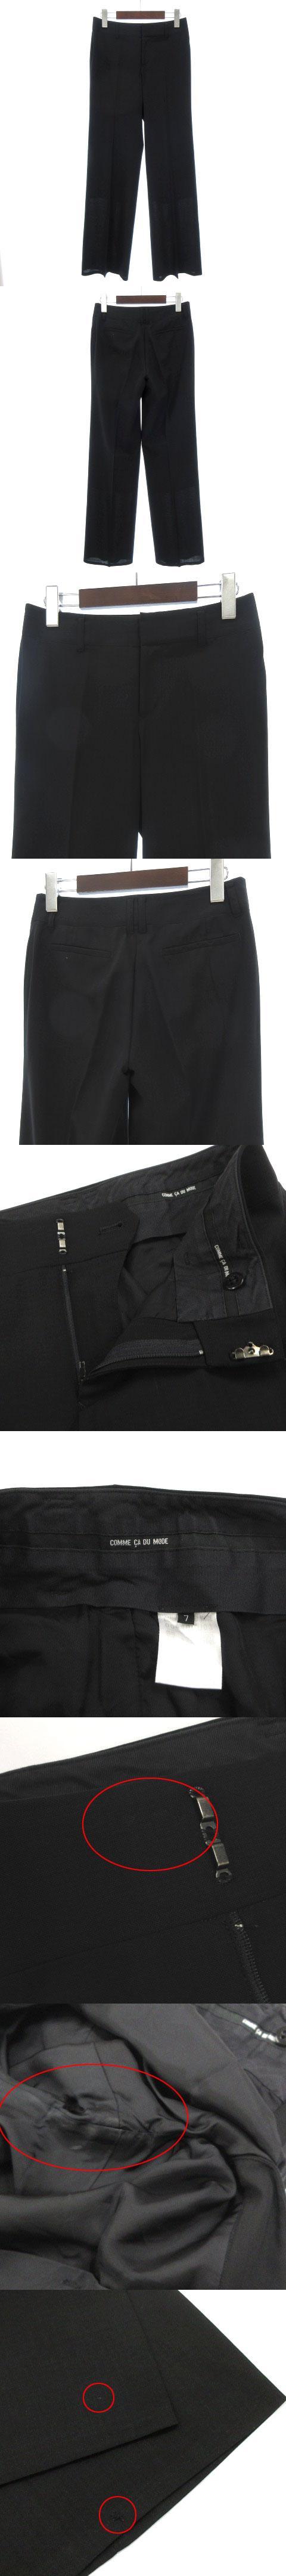 パンツ スラックス ウール 薄手 黒 ブラック 7 ■VGP0